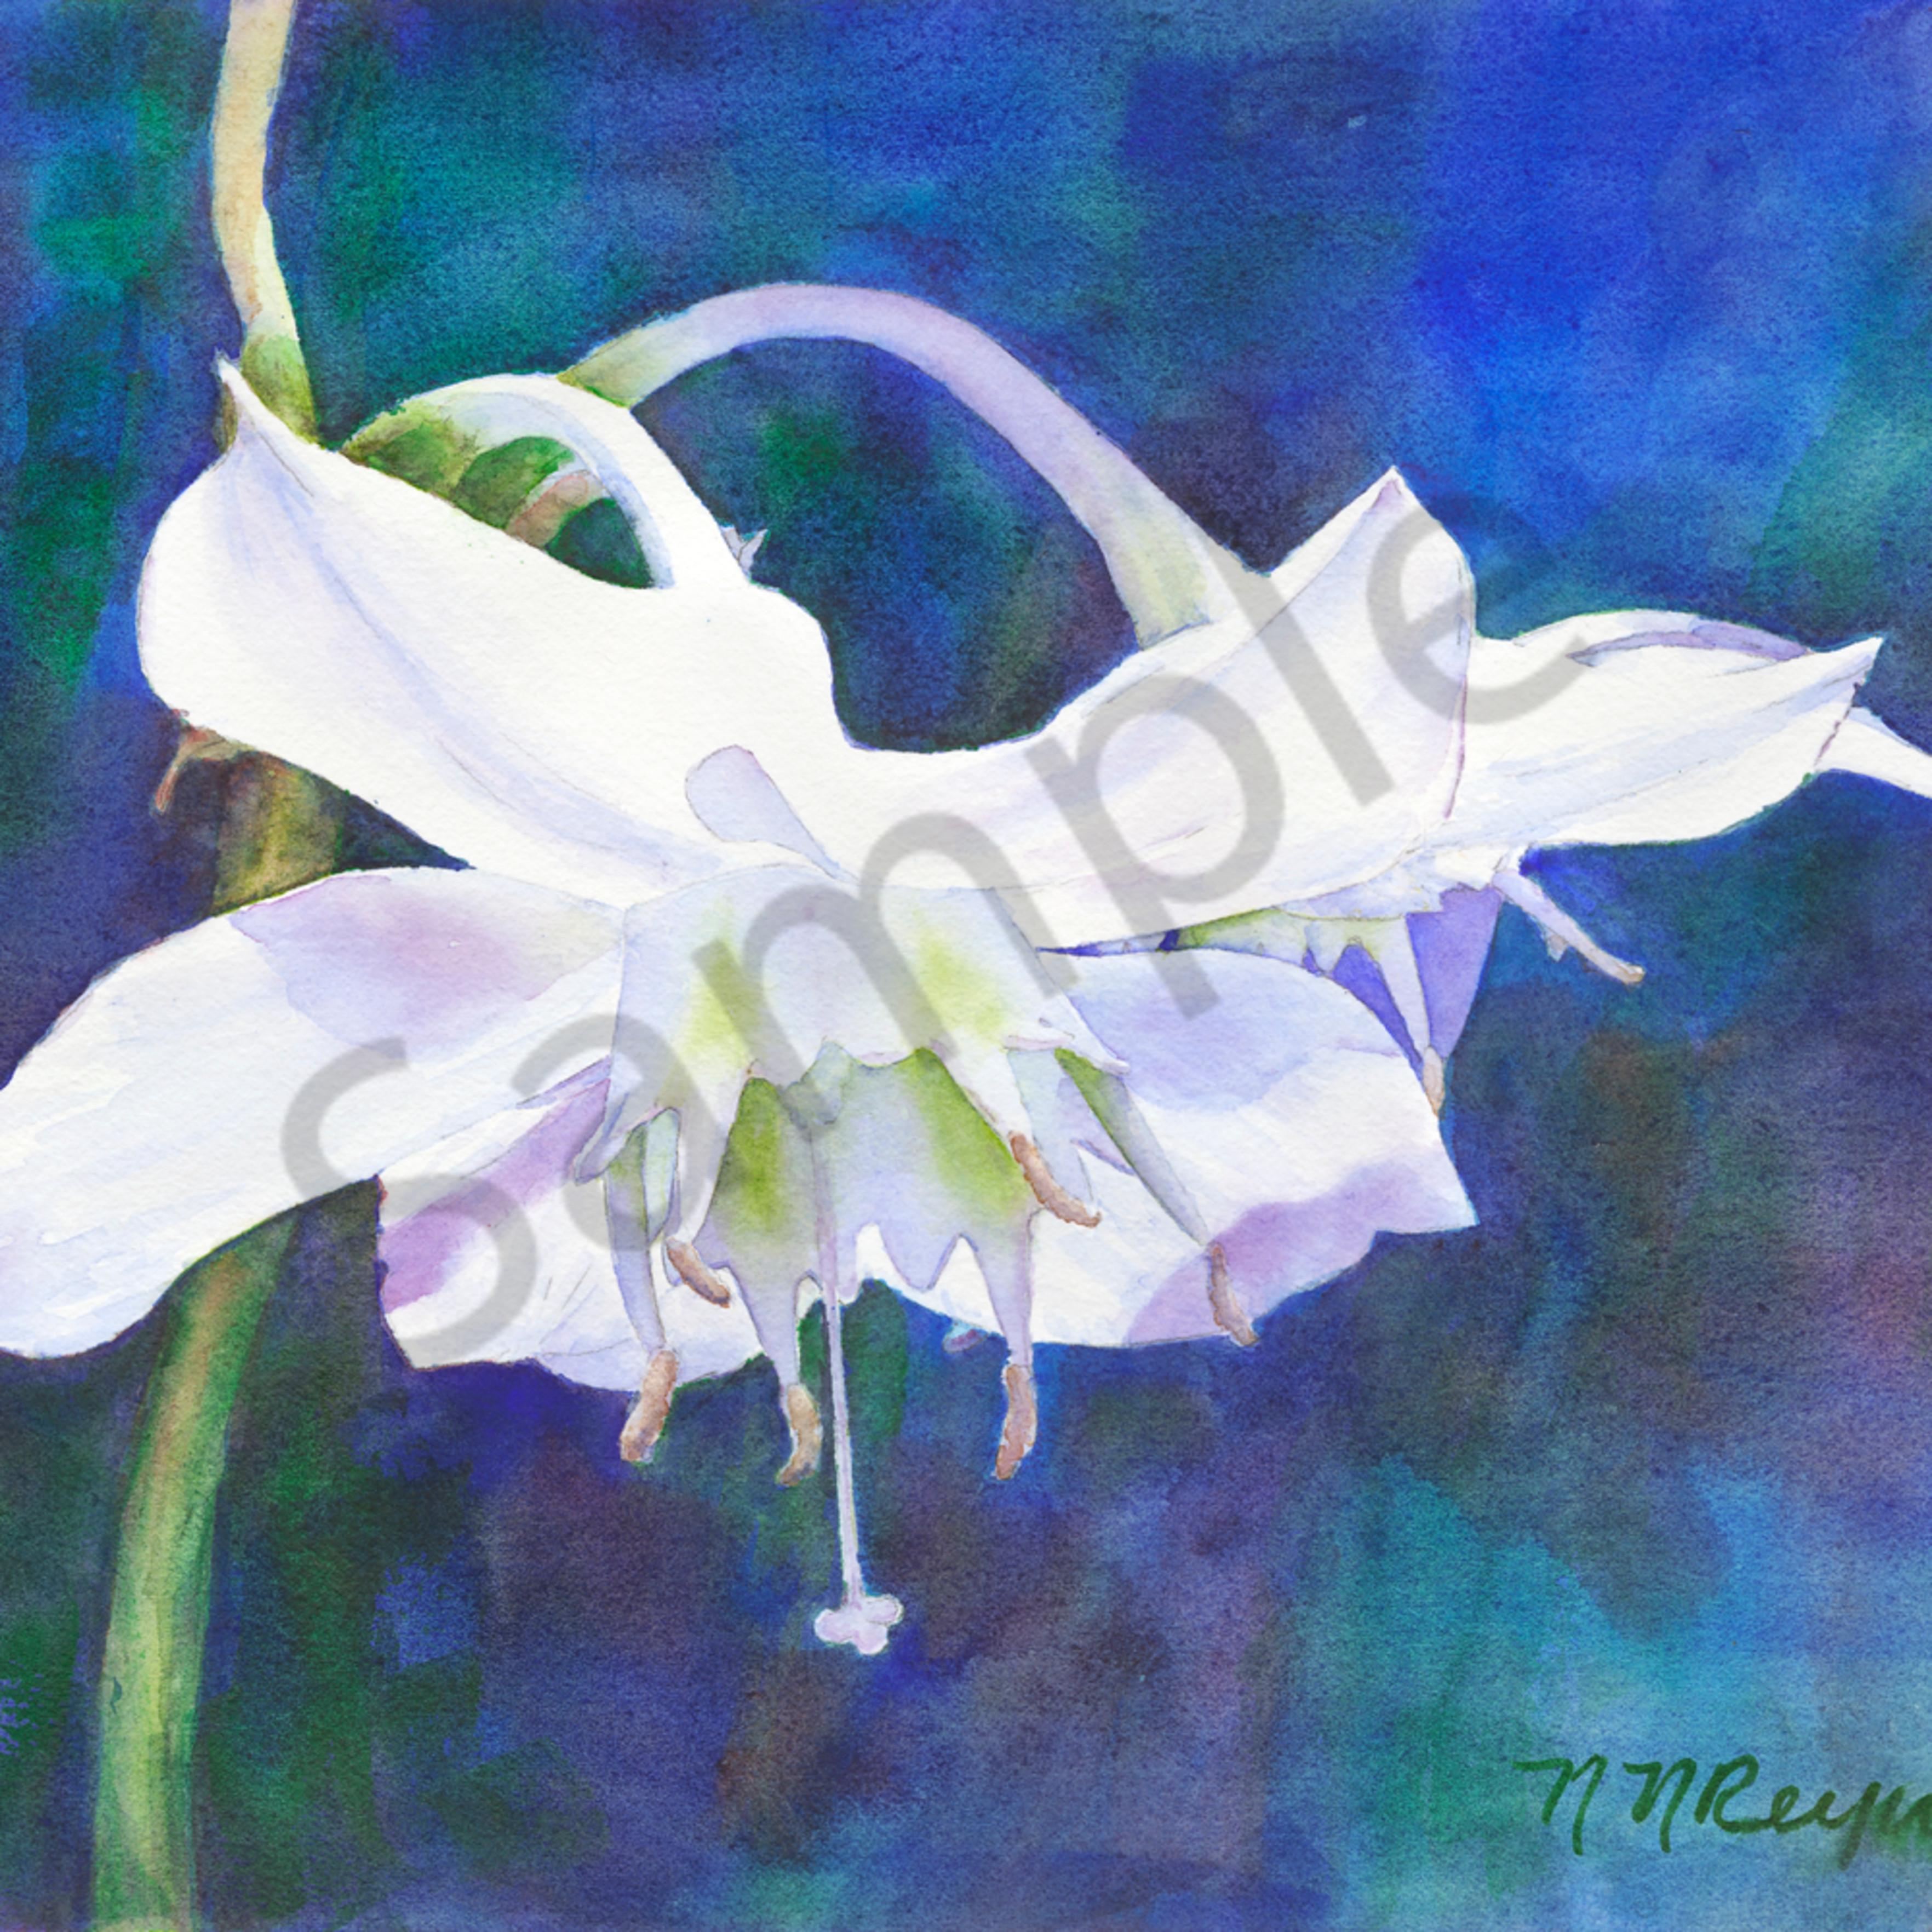 Lily grokfl